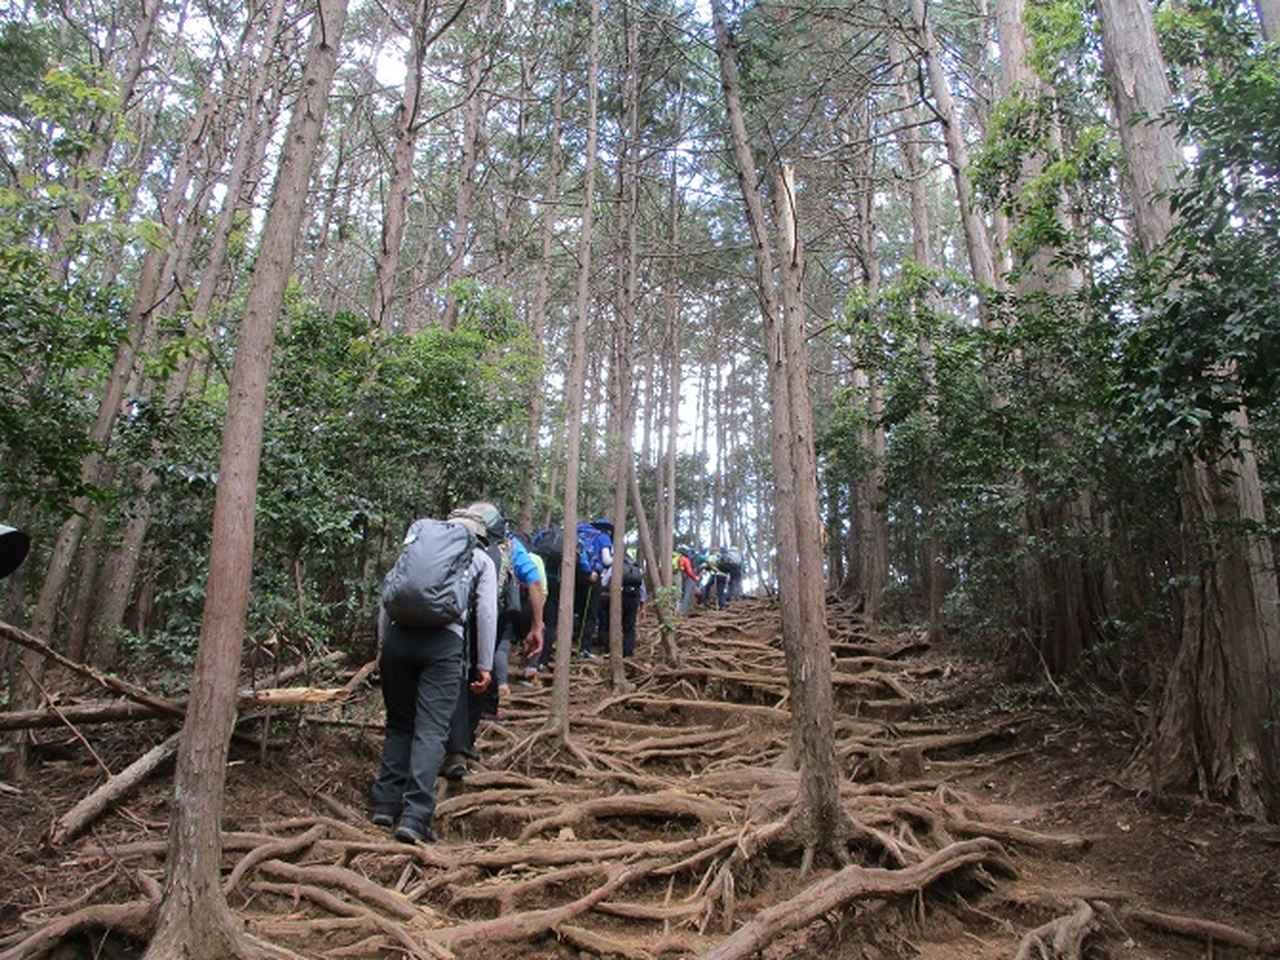 画像7: 5月4日に岡田ガイドのツアーで埼玉県の「越上山」へ行って来ました♪